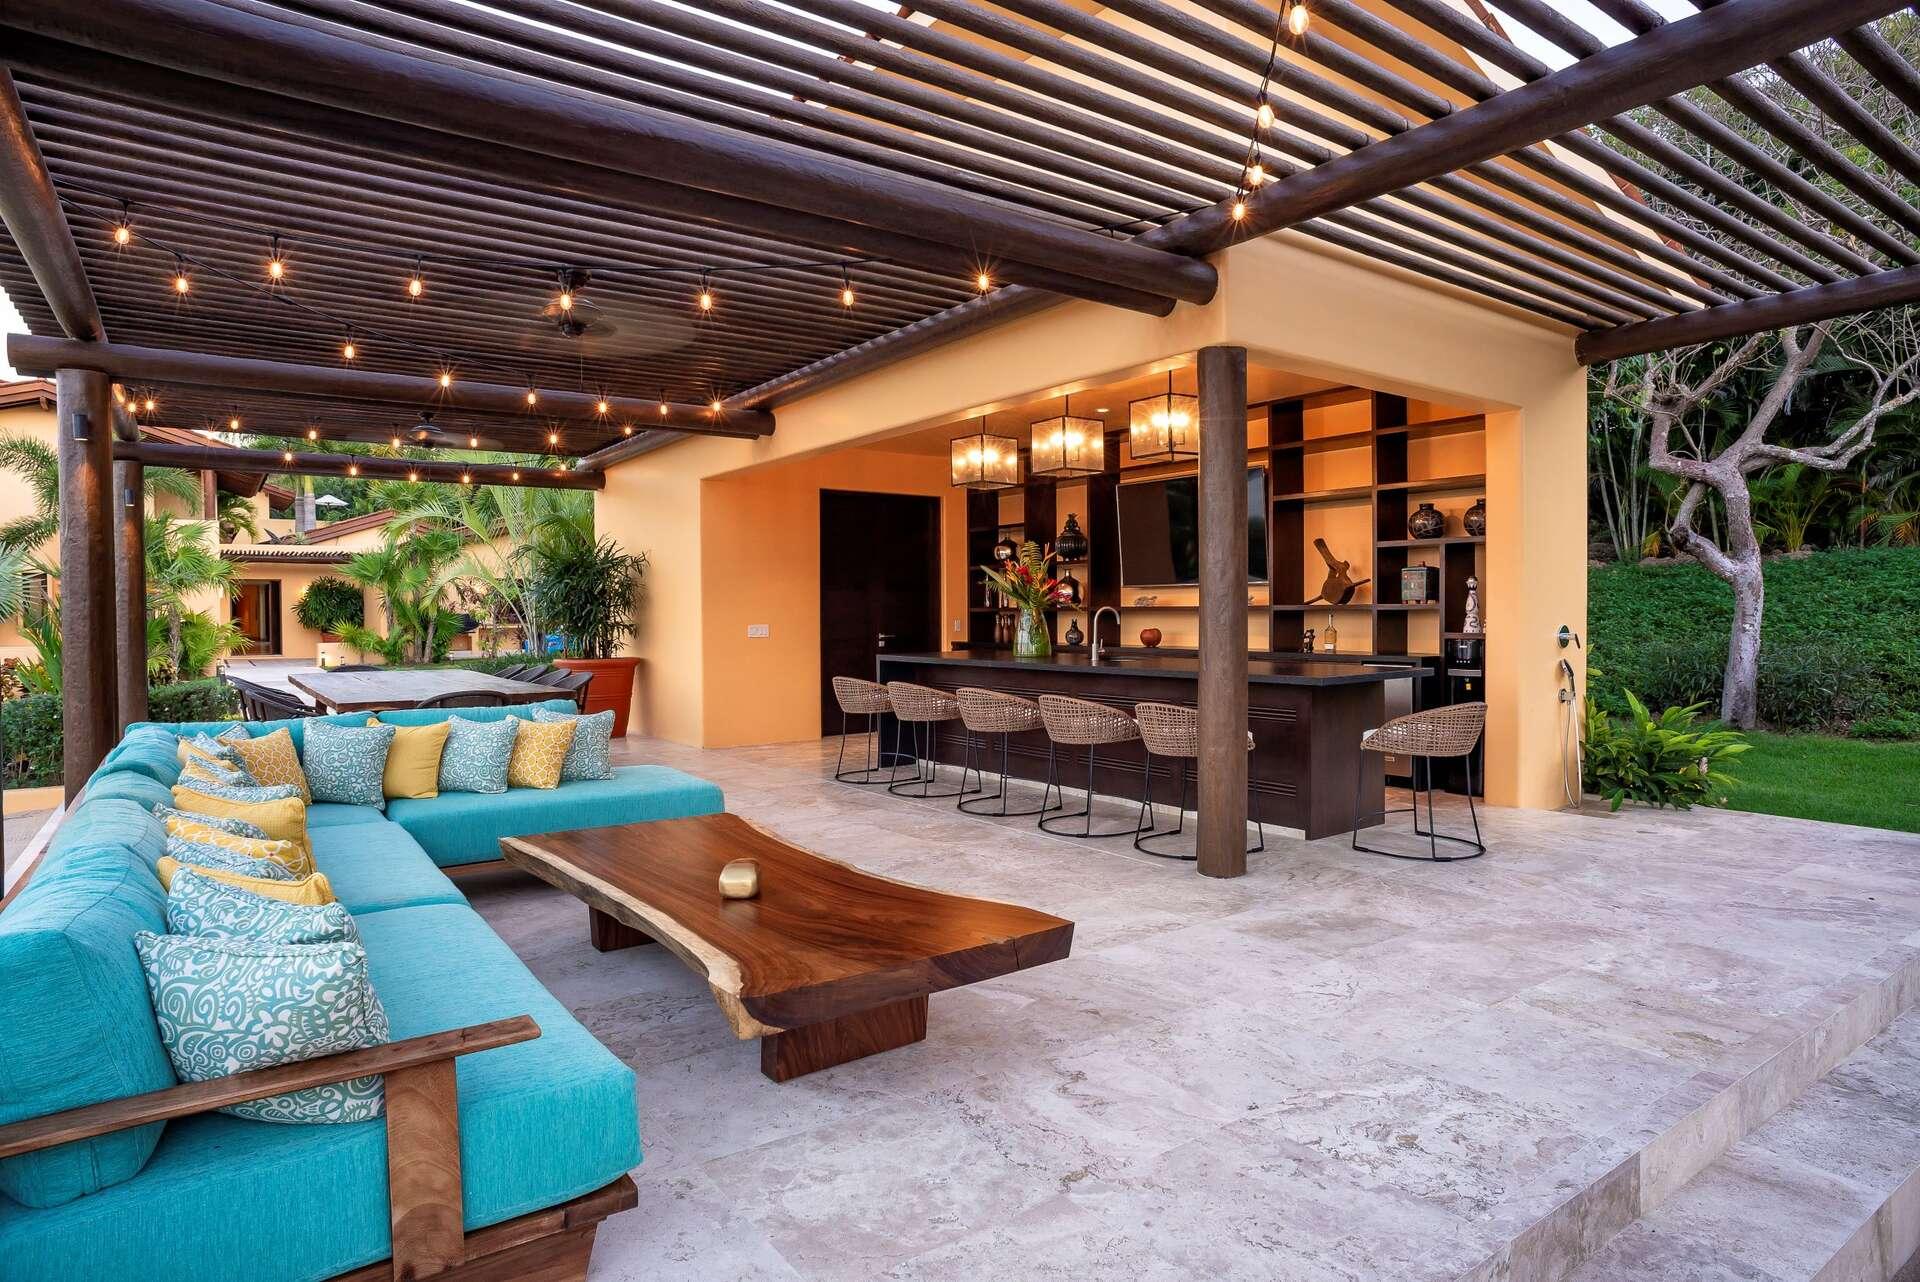 Luxury vacation rentals mexico - Punta mita - Kupuri estates - Casa Querencia - Image 1/15